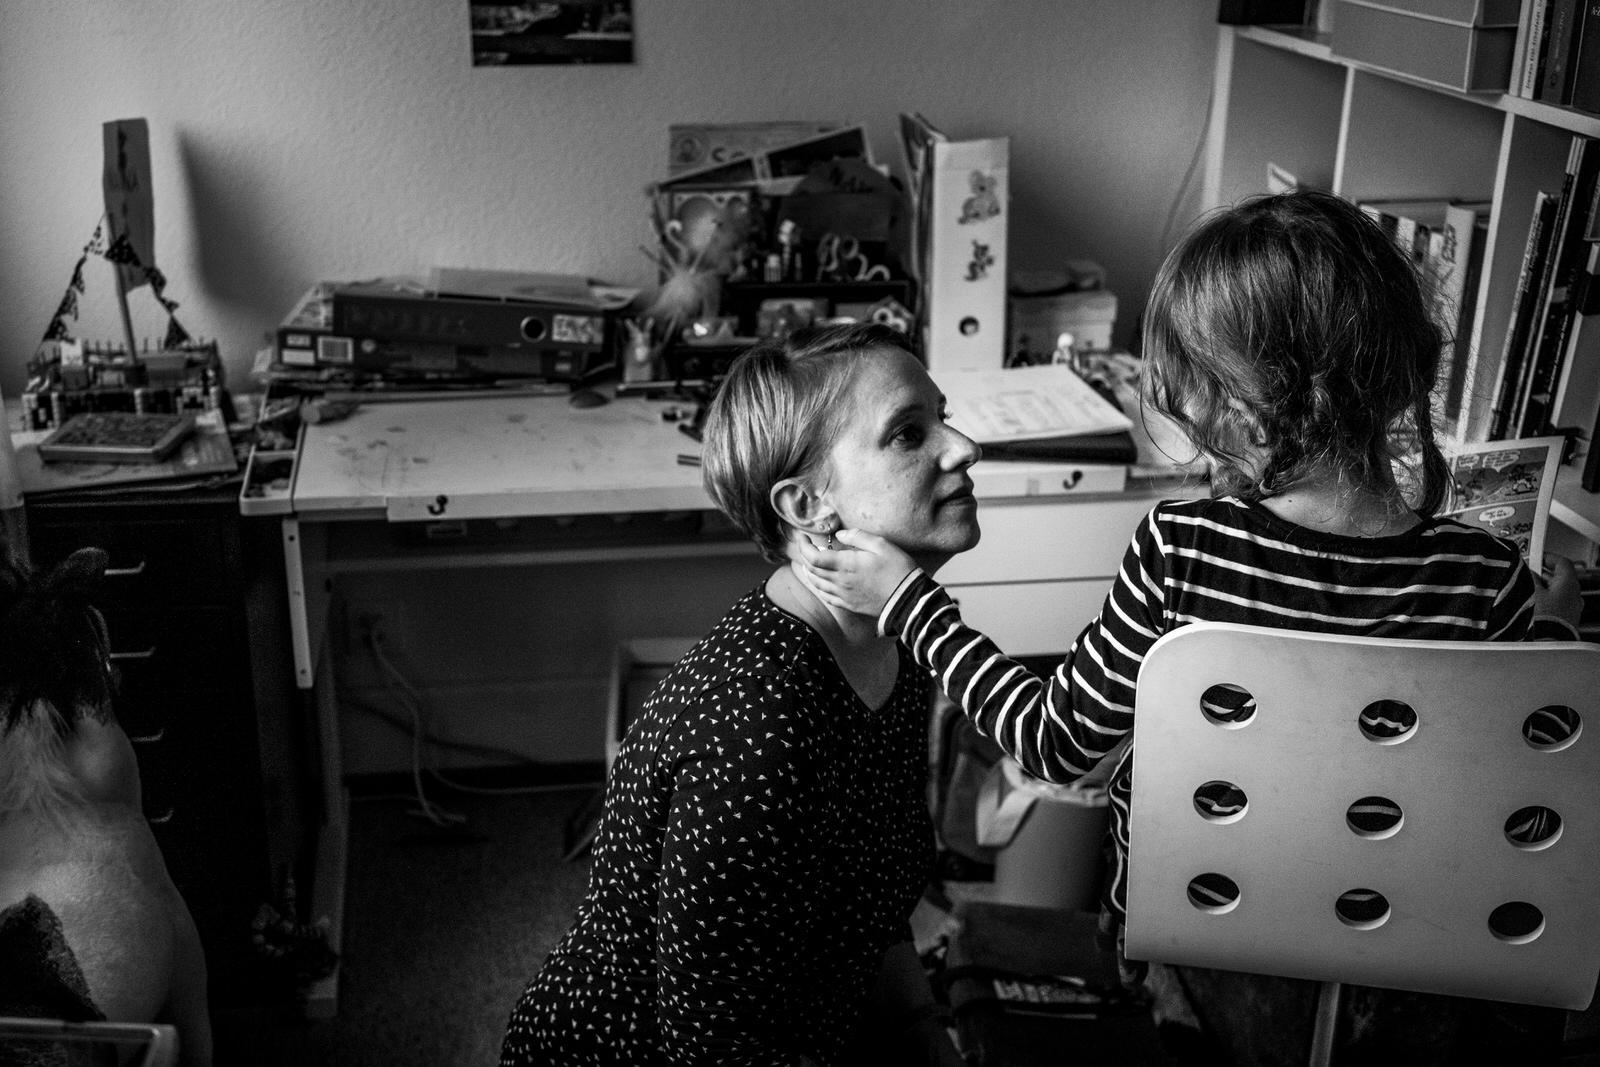 Mutter und Tochter Zuhause | Familienfotografin Julia Erz zeigt Familienreportage